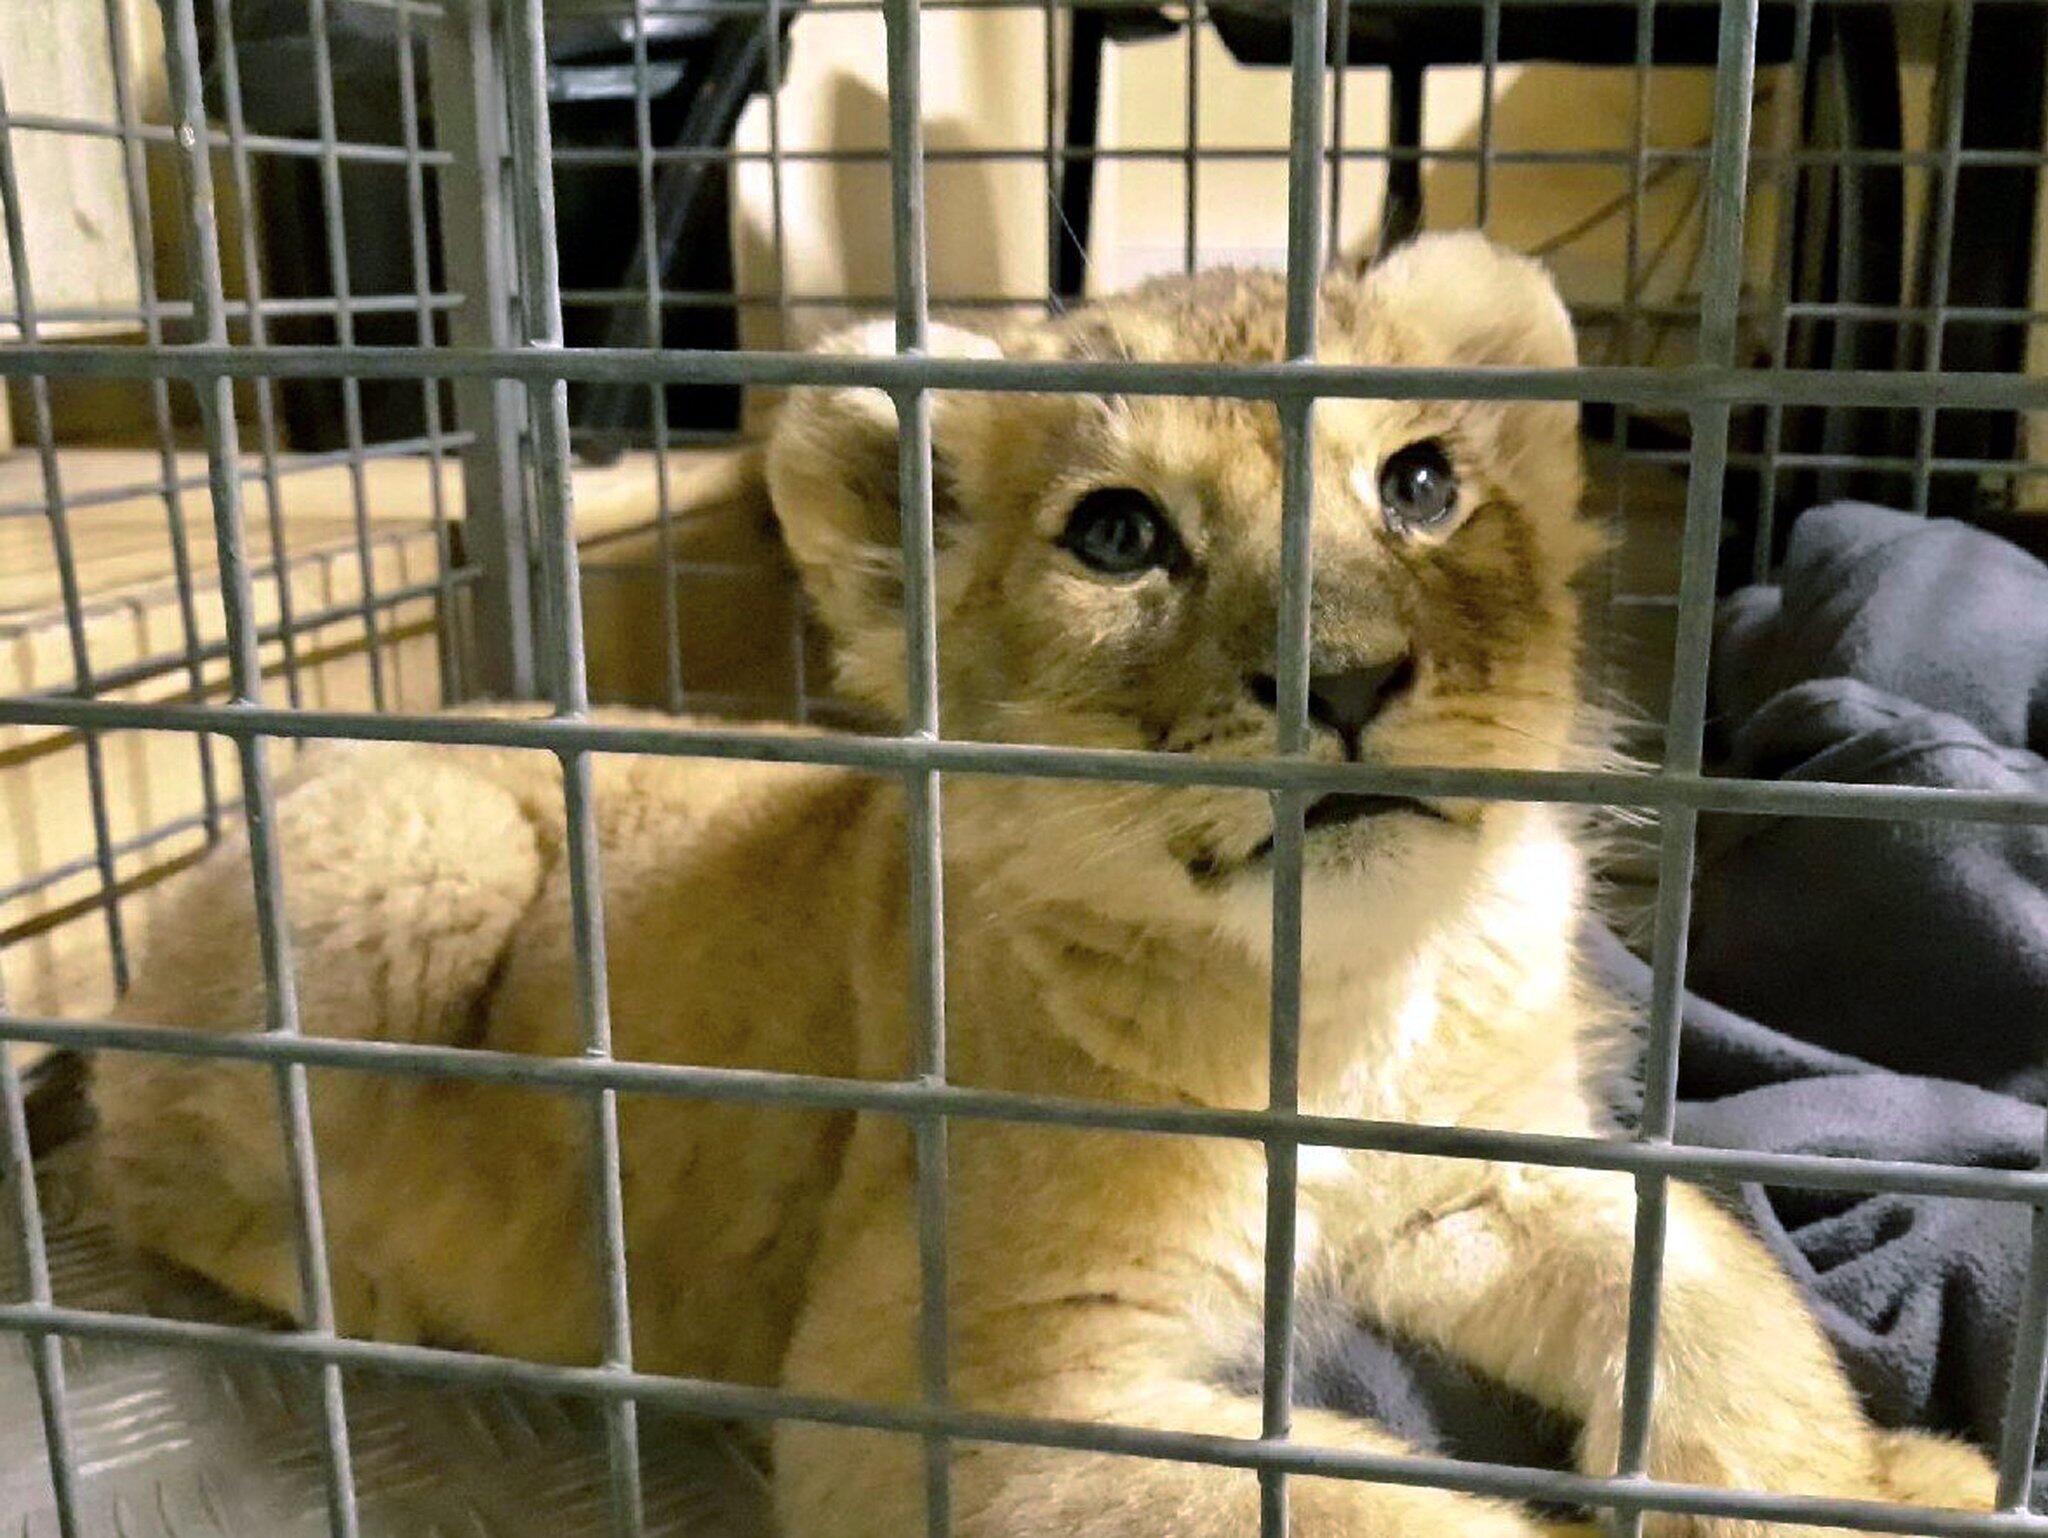 Löwen-Baby in Lamborghini auf Pariser Champs-Elysées entdeckt